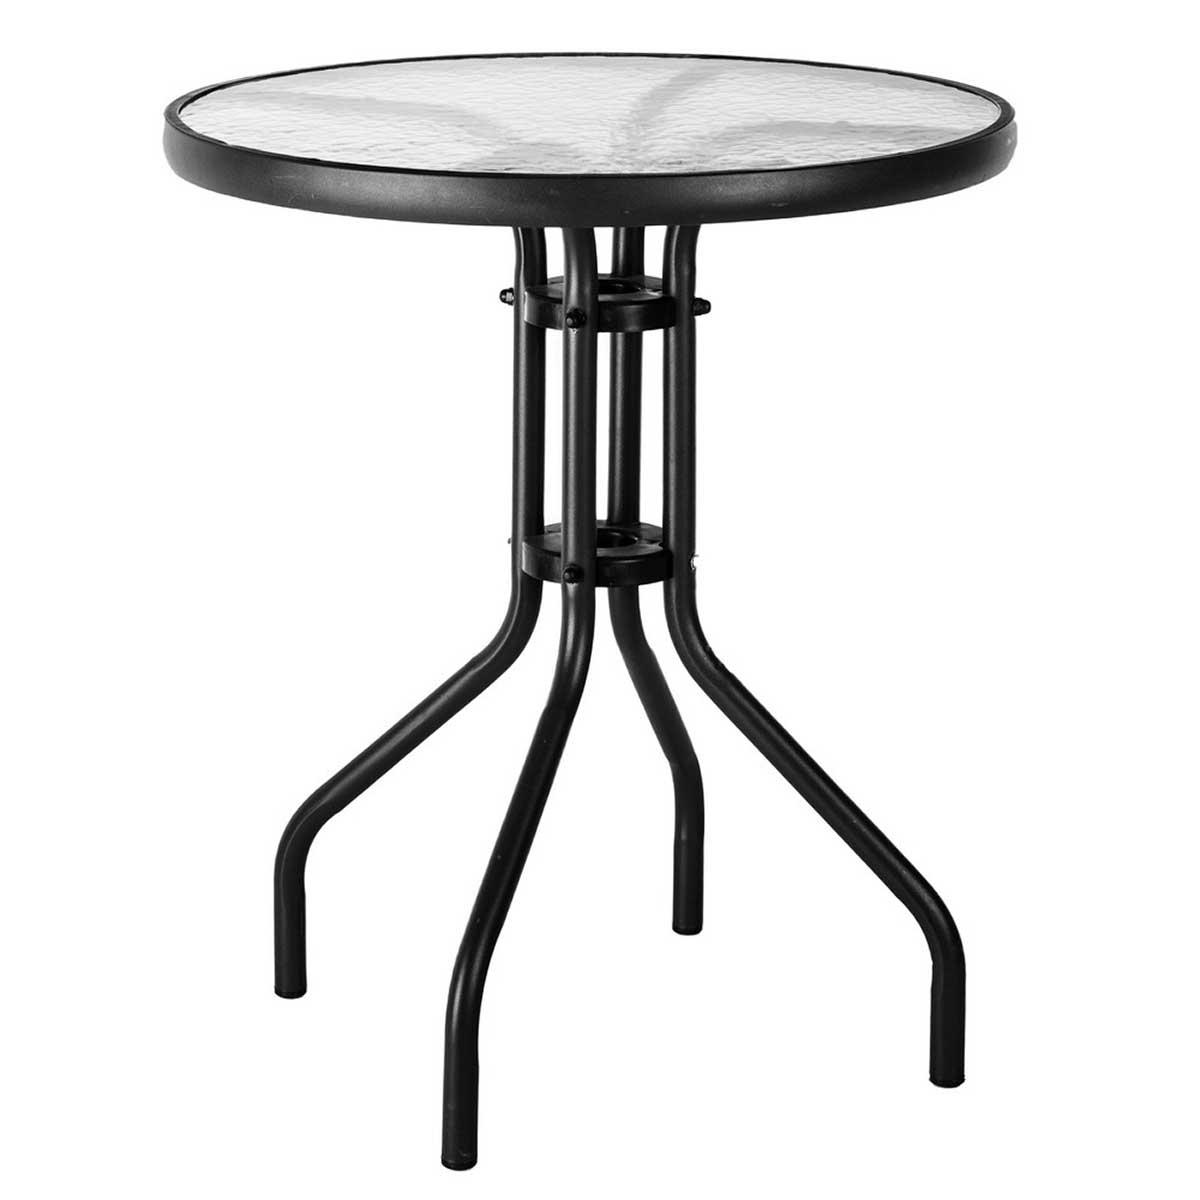 Table de balcon style bistrot - Noir - 60.00 cm x 60.00 cm x 71.00 cm